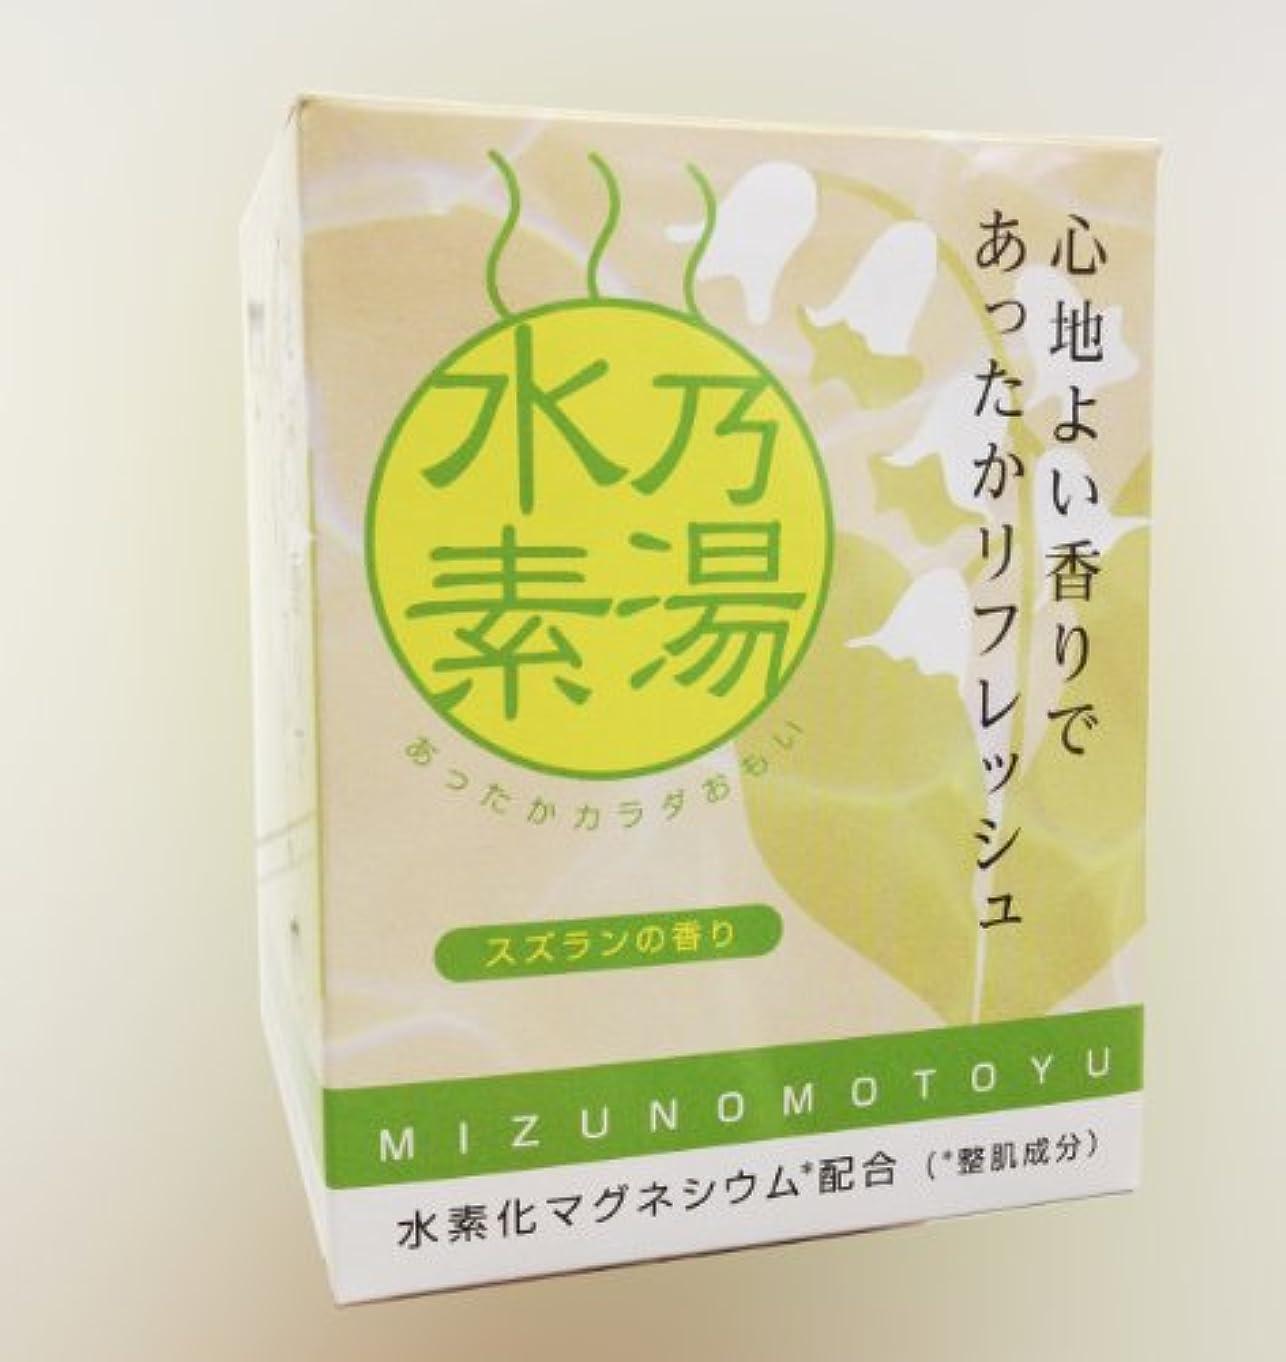 始まり食事資産水乃素湯 水素化マグネシウムを使った入浴化粧料